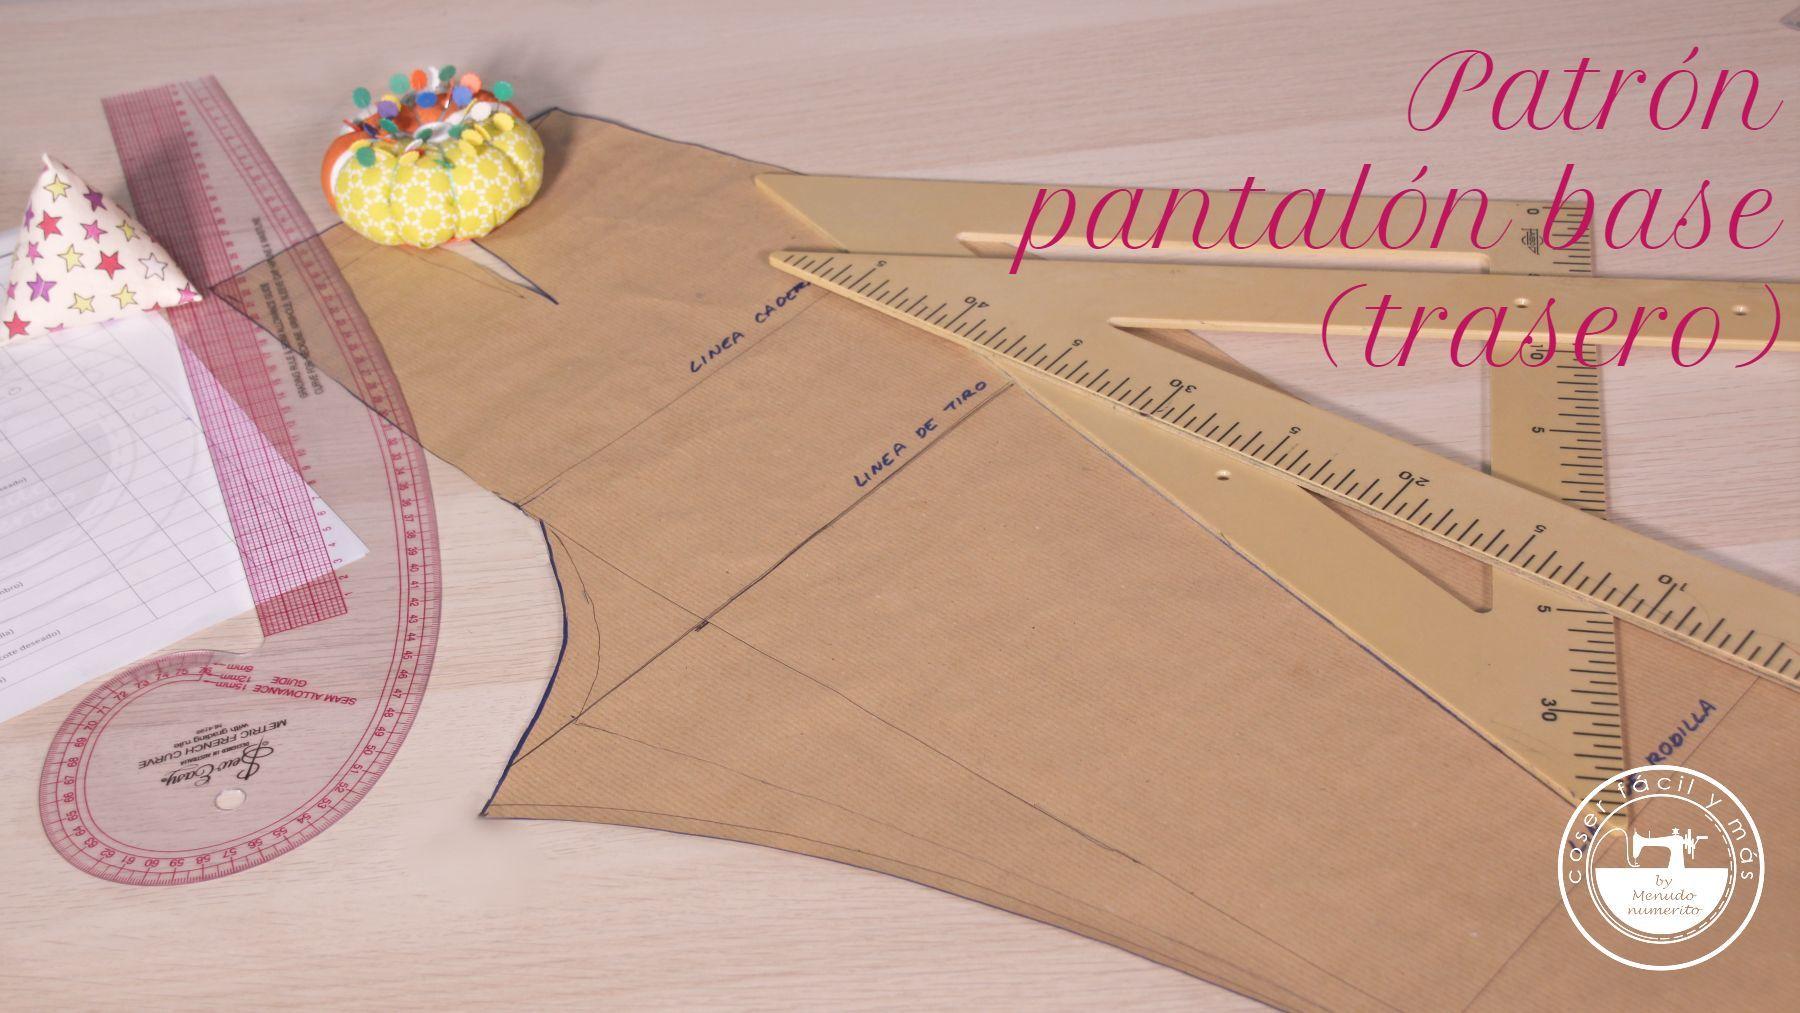 trazar patron pantalon base trasero coser facil blogs de costura